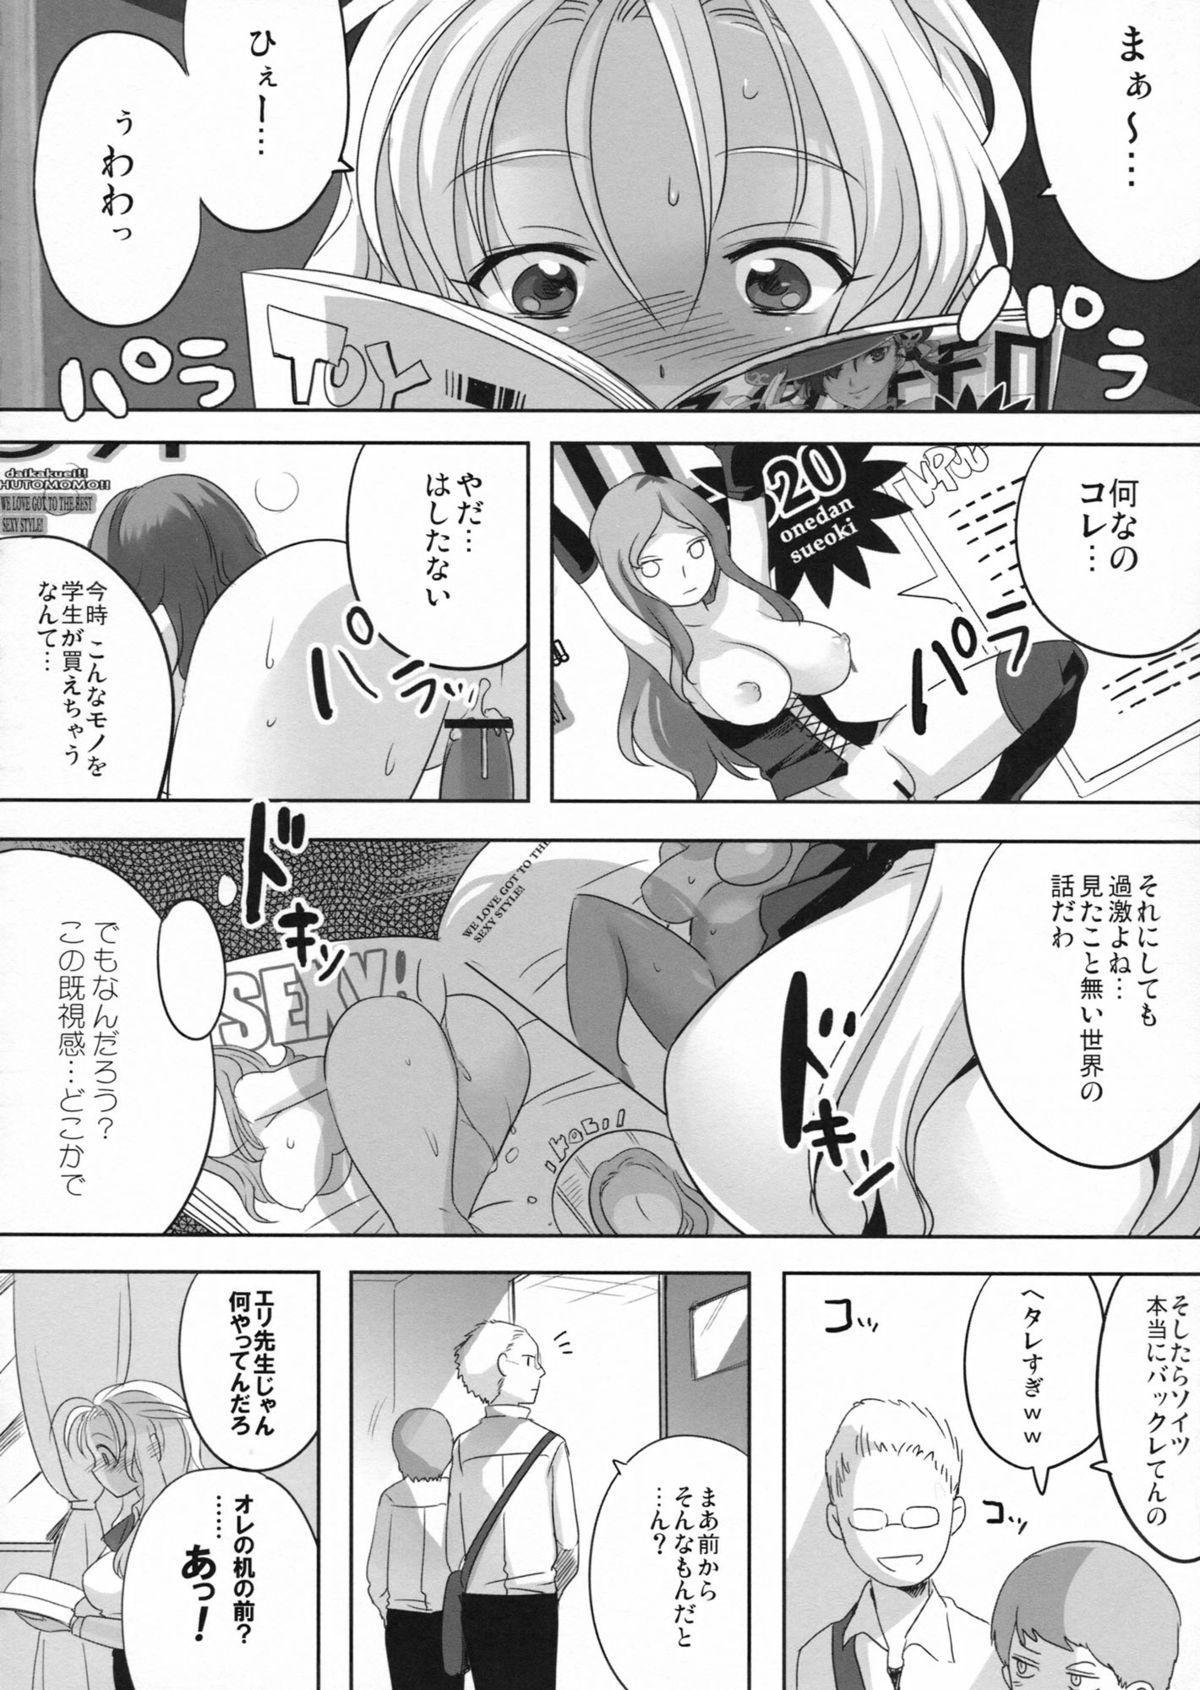 Akogare no Sensei 4